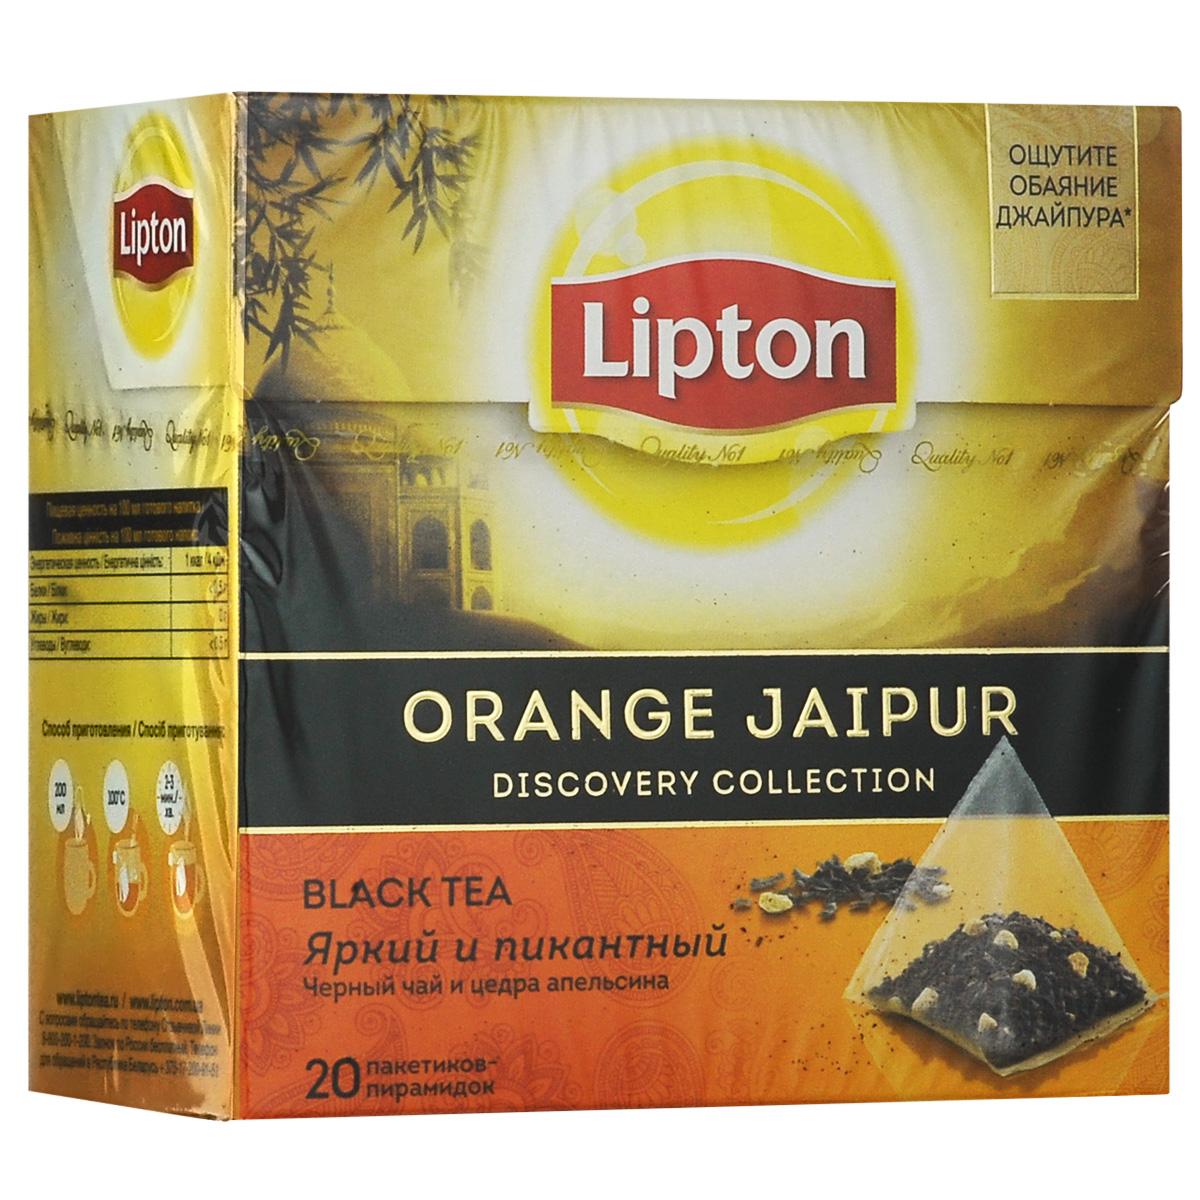 Lipton Orange Jaipur - черный чай в пирамидках с цедрой апельсина. Посетите сказочный Джайпур. Прогуляйтесь среди великолепных дворцов и храмов, чтобы проникнуться величием королевского прошлого Джайпура, родины восхитительного черного чая. Утонченный букет Orange Jaipur составляет классический вкус чайных листьев, украшенный жизнерадостным ароматом цедры апельсина. Свободное пространство в пирамидке позволяет листовому чаю раскрыть свой яркий, насыщенный вкус с изысканной цитрусовой ноткой.